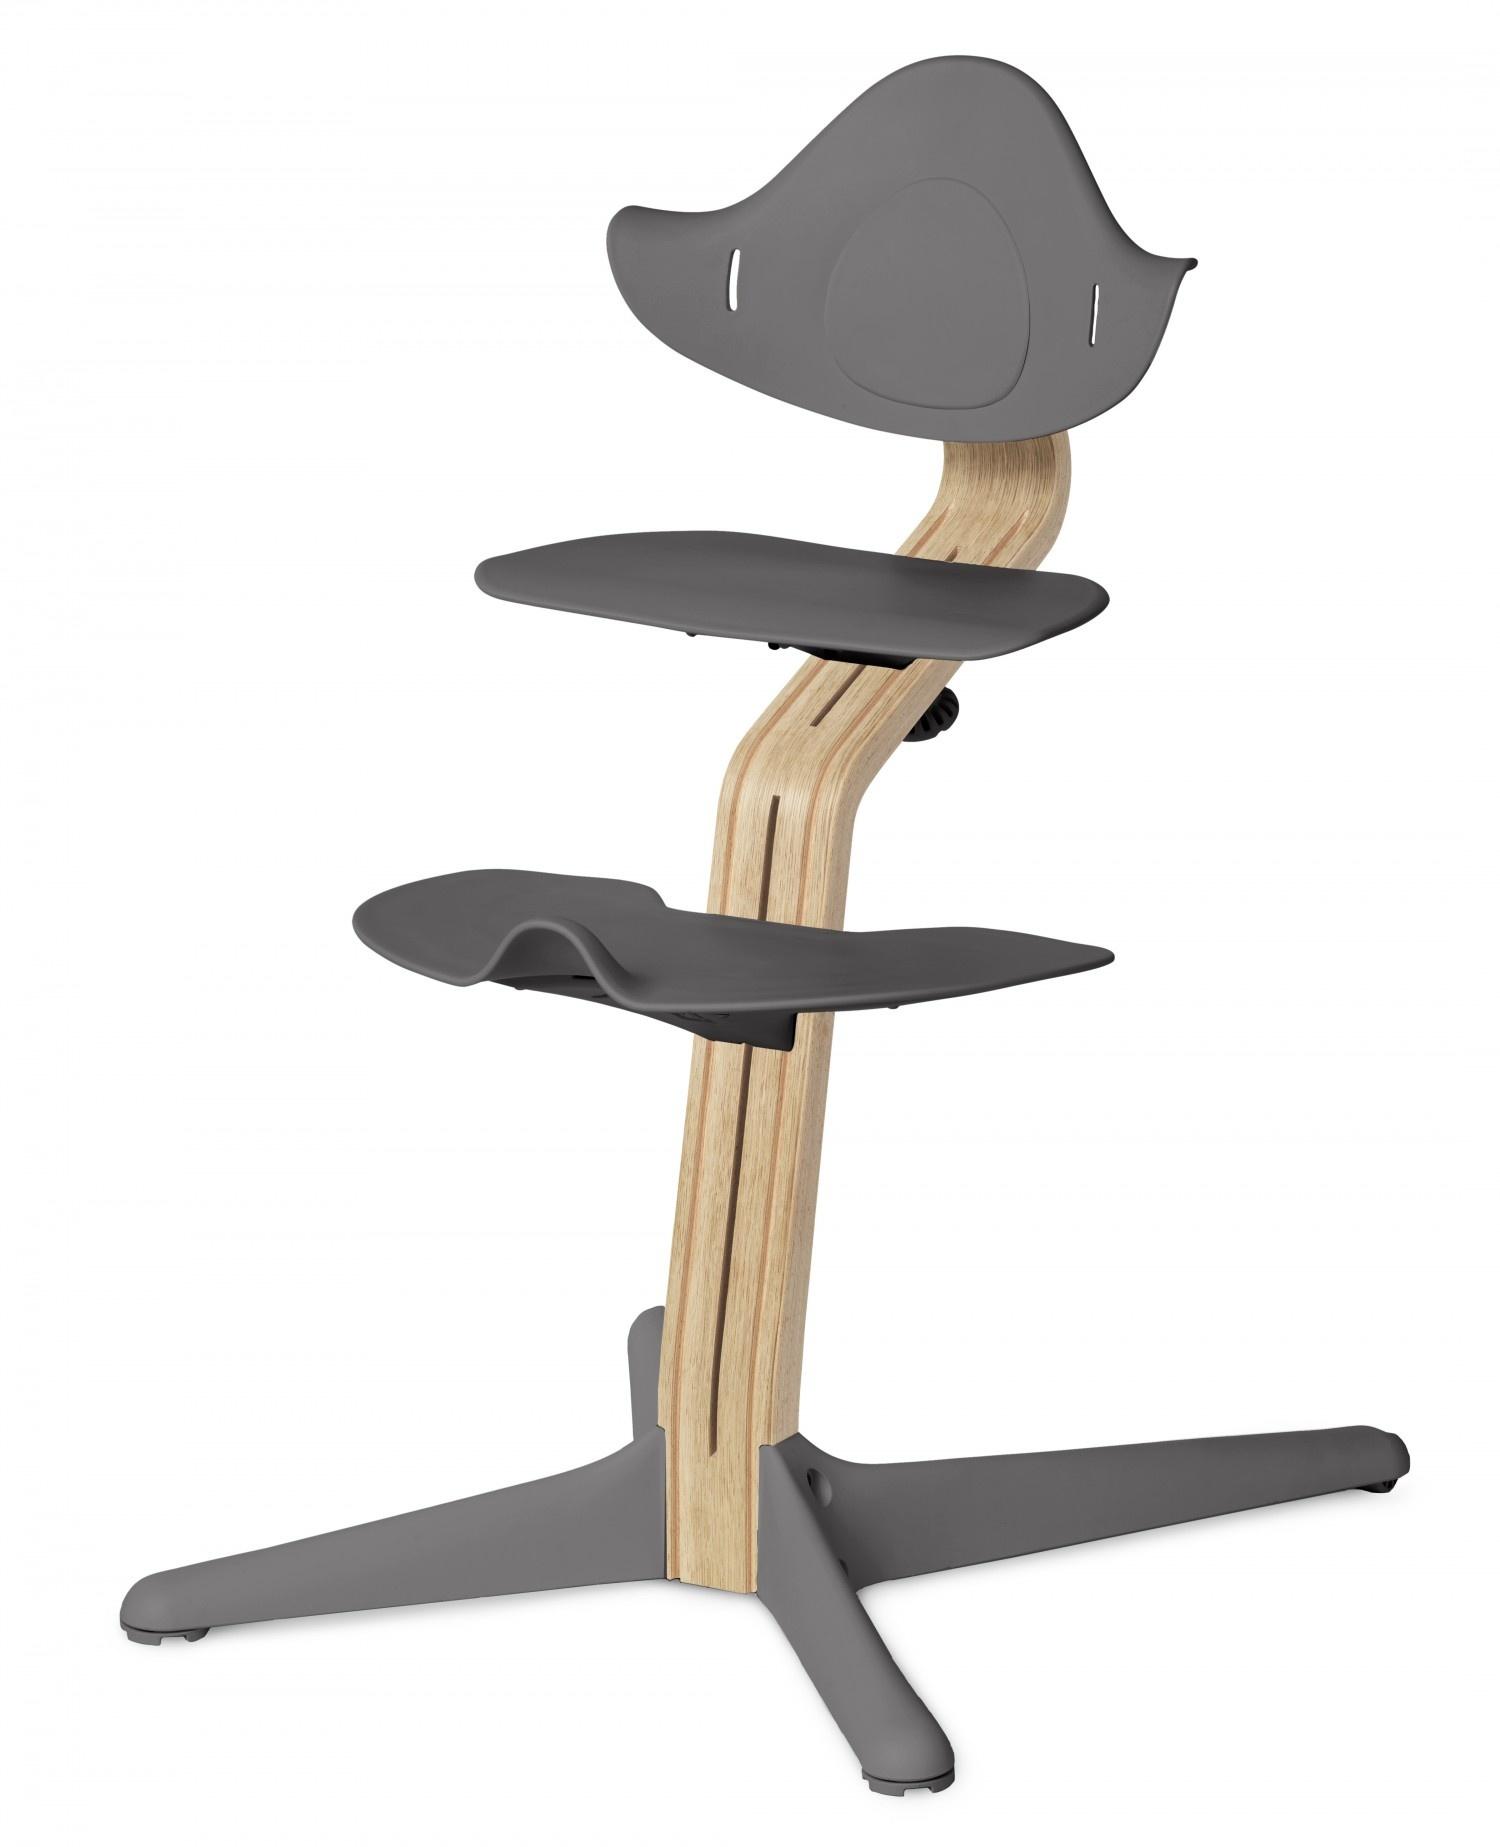 Nomi NOMI highchair meegroeistoel Basis eiken wit oiled en stoel grijs